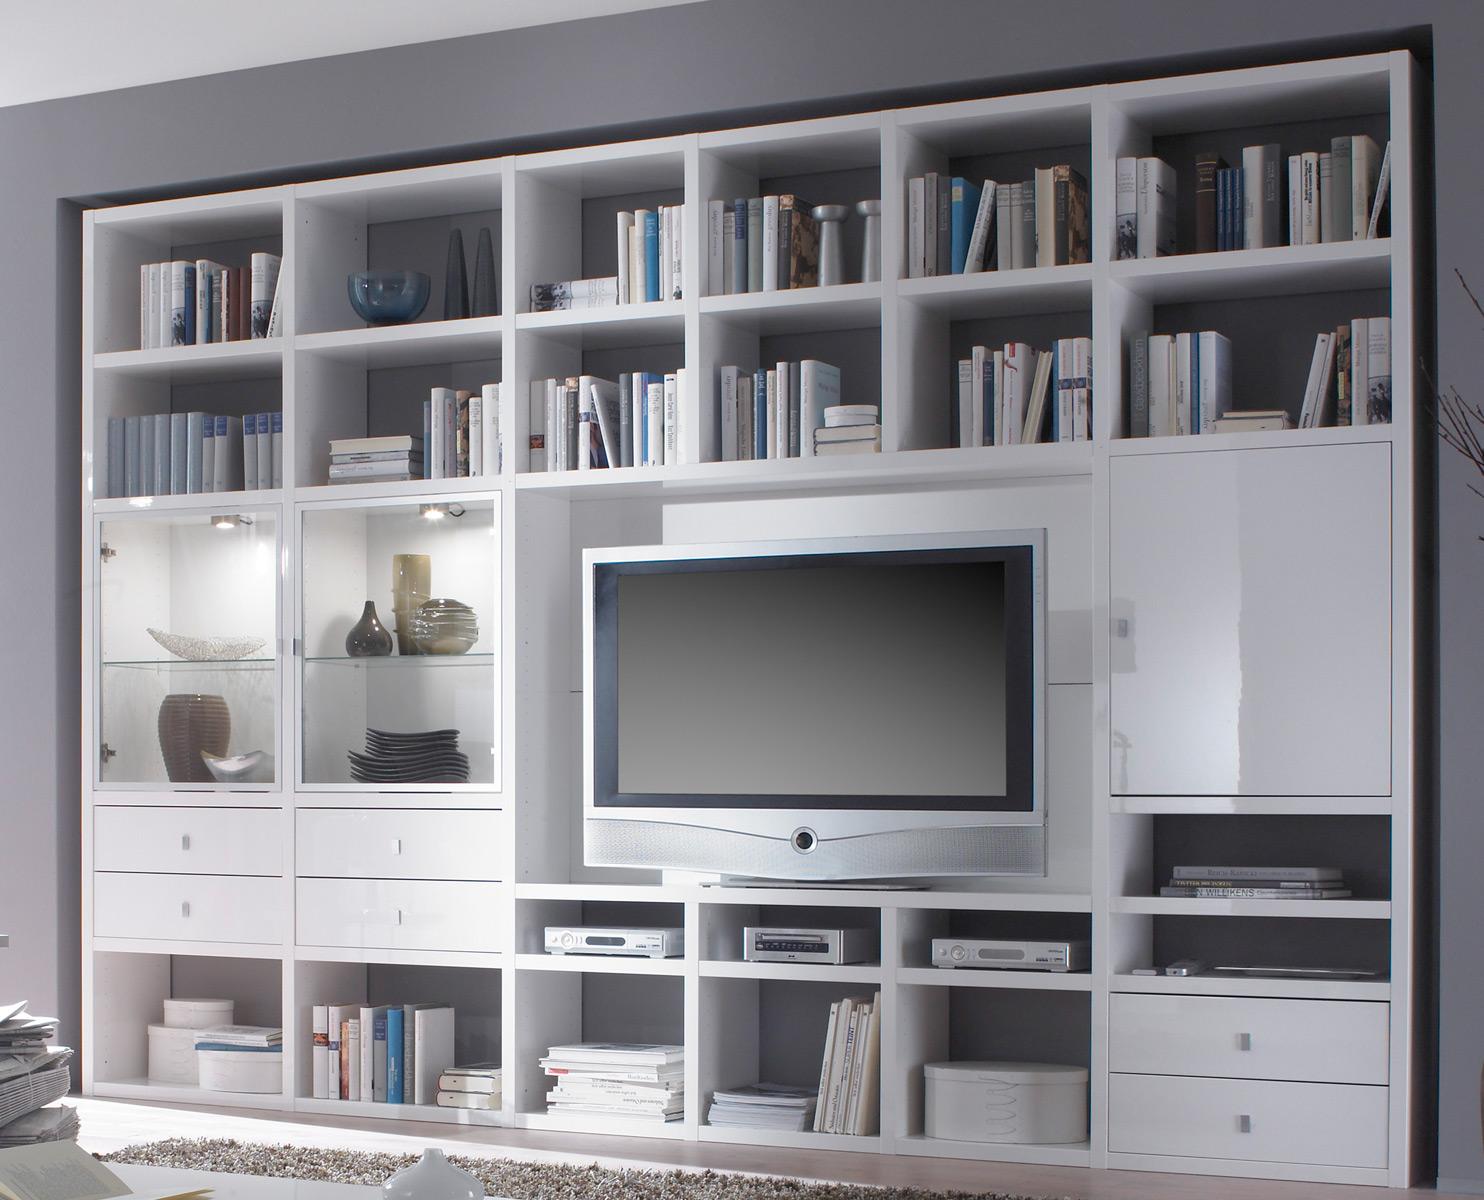 Toro Regalsysteme Wohnzimmer mit TV Fach und Glastüren nach Maß planen